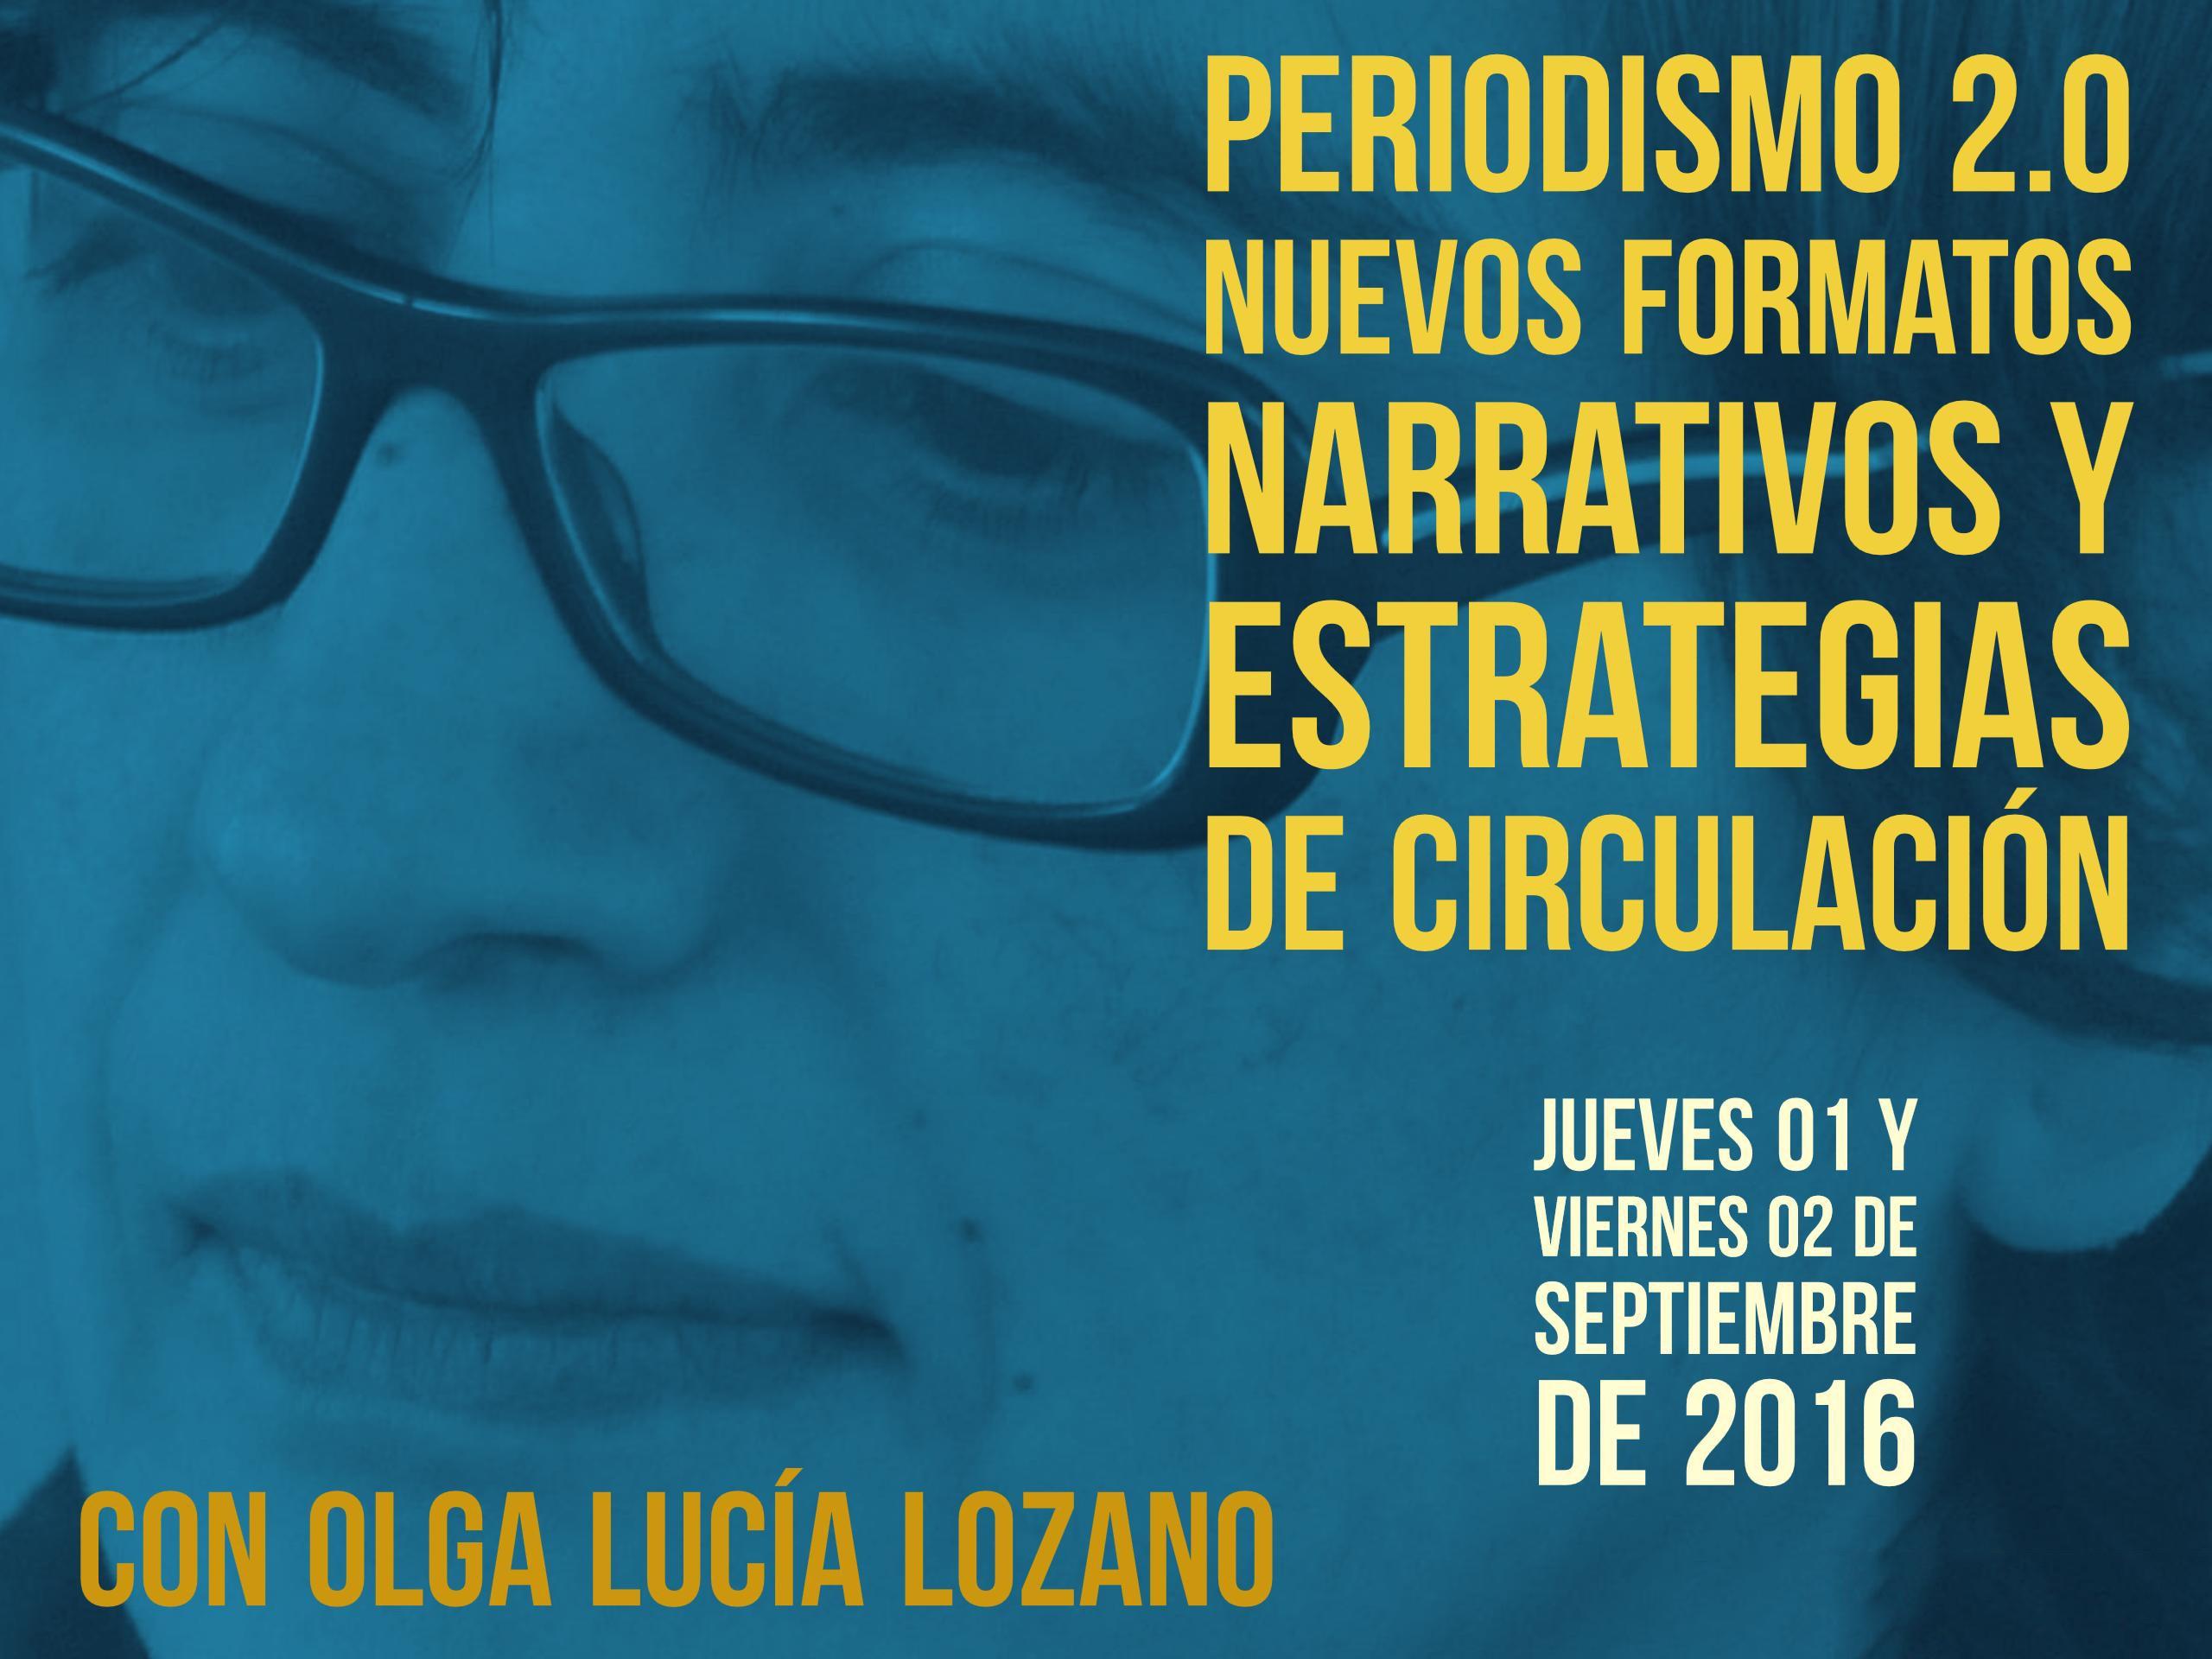 Taller Periodismo 2.0 nuevos formatos narrativos y estrategias de circulaci?n con Olga Luc?a Lozano